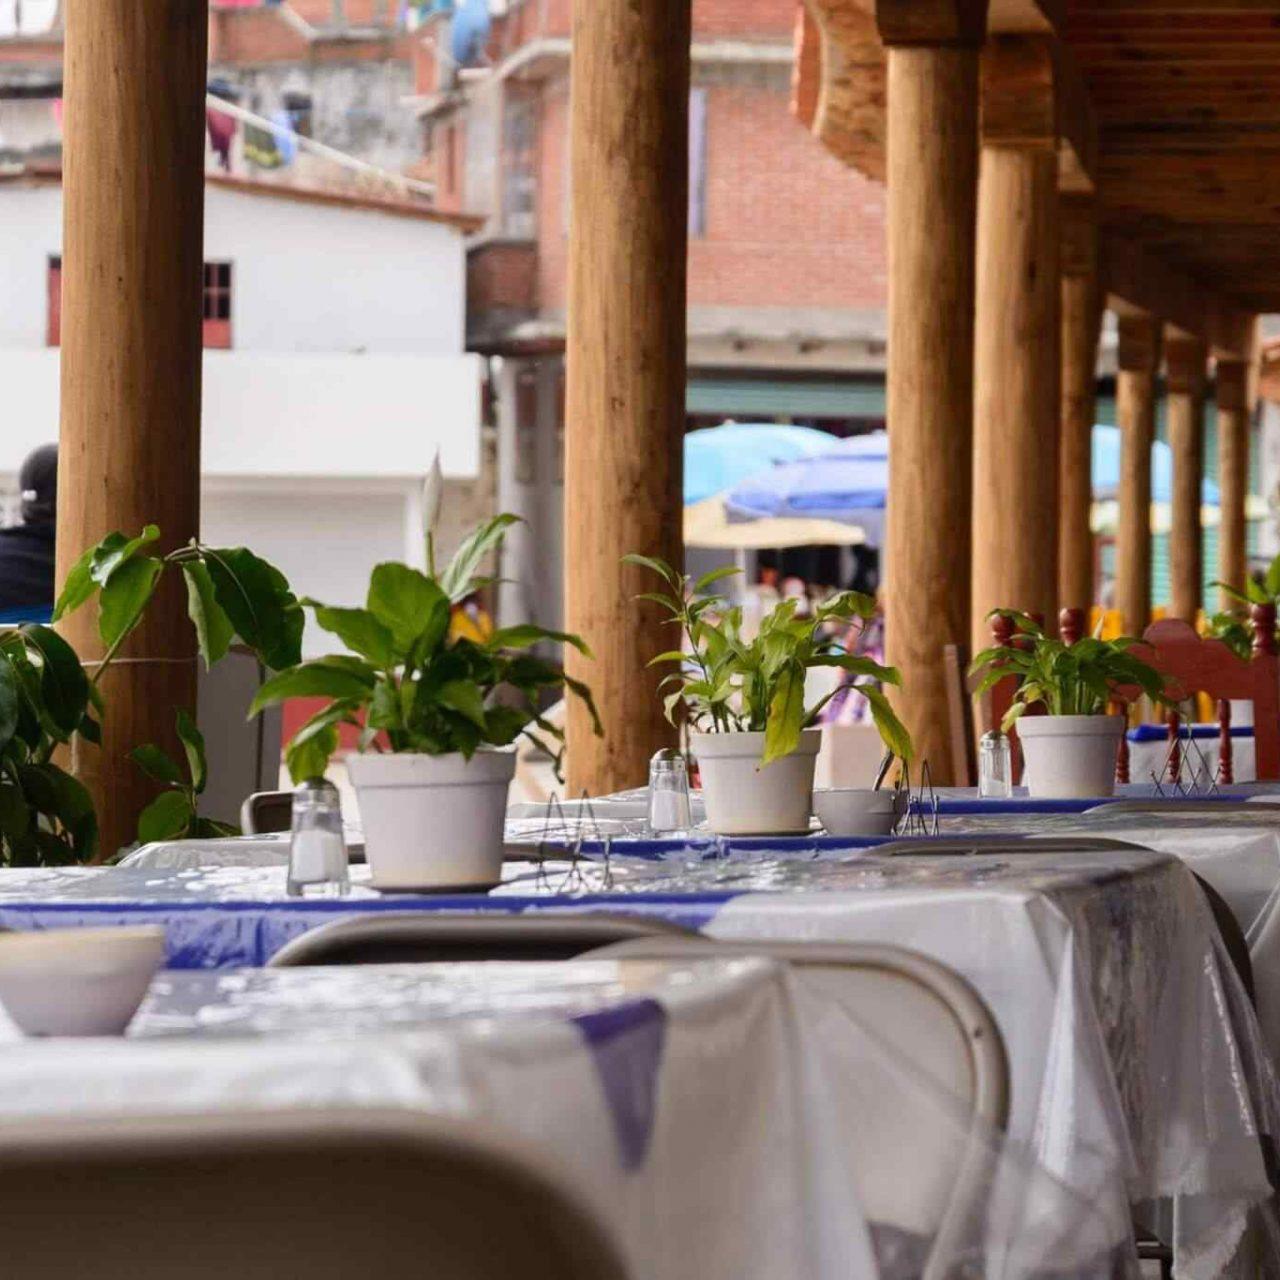 https://menudownloads.com/wp-content/uploads/2017/10/restaurant-mexican-17-1280x1280.jpg